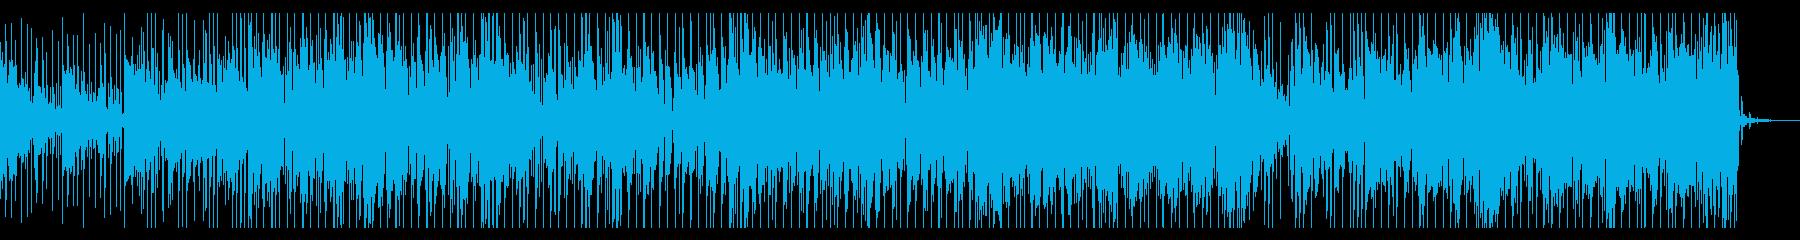 ほのぼのする気分の良くなる感じのBGMの再生済みの波形